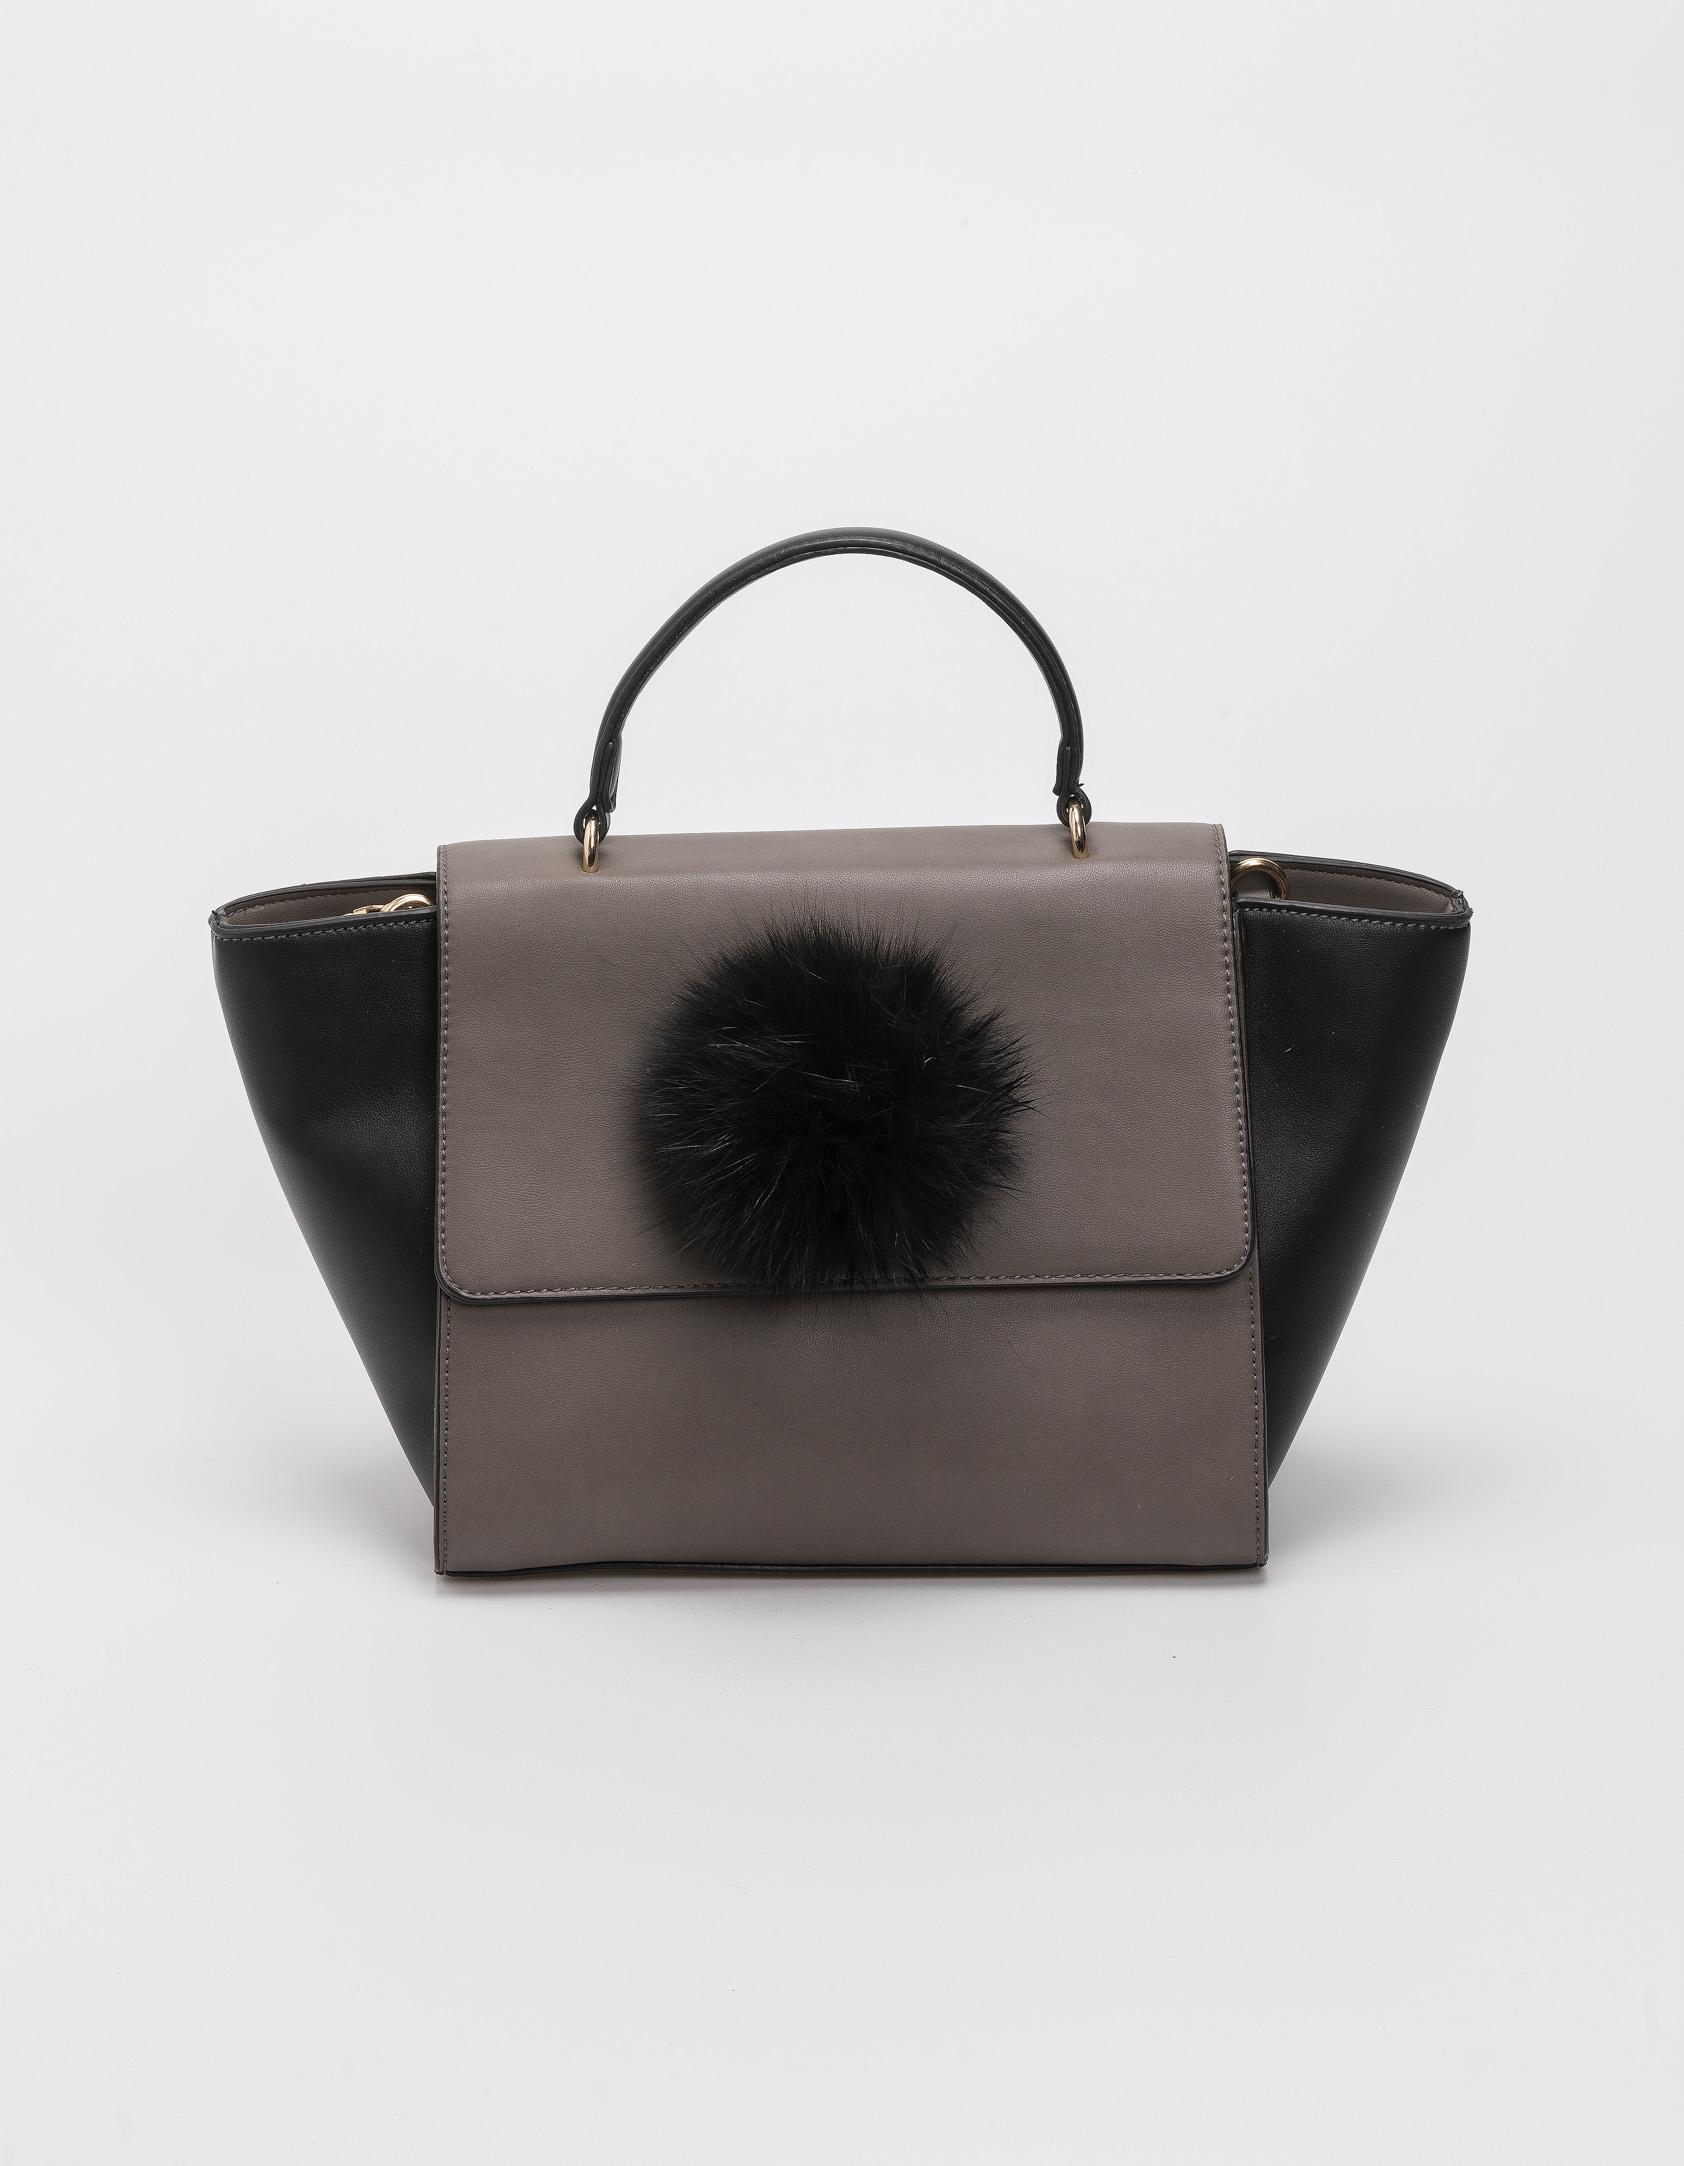 Τσάντα με γούνινο pom - pom - Γκρι